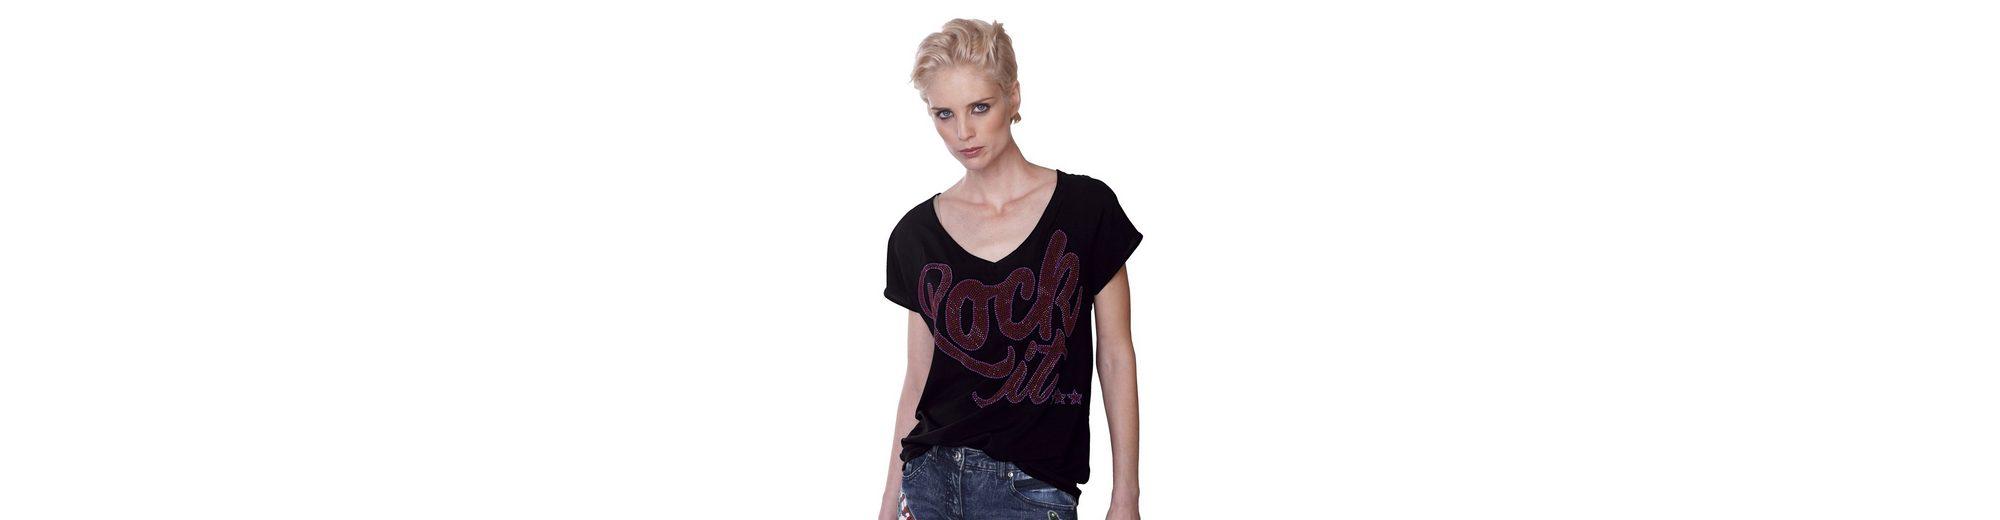 Genießen Spielraum Mit Kreditkarte Alba Moda T-Shirt mit Strass-Schriftzug aus Webware uxFvpDSQs